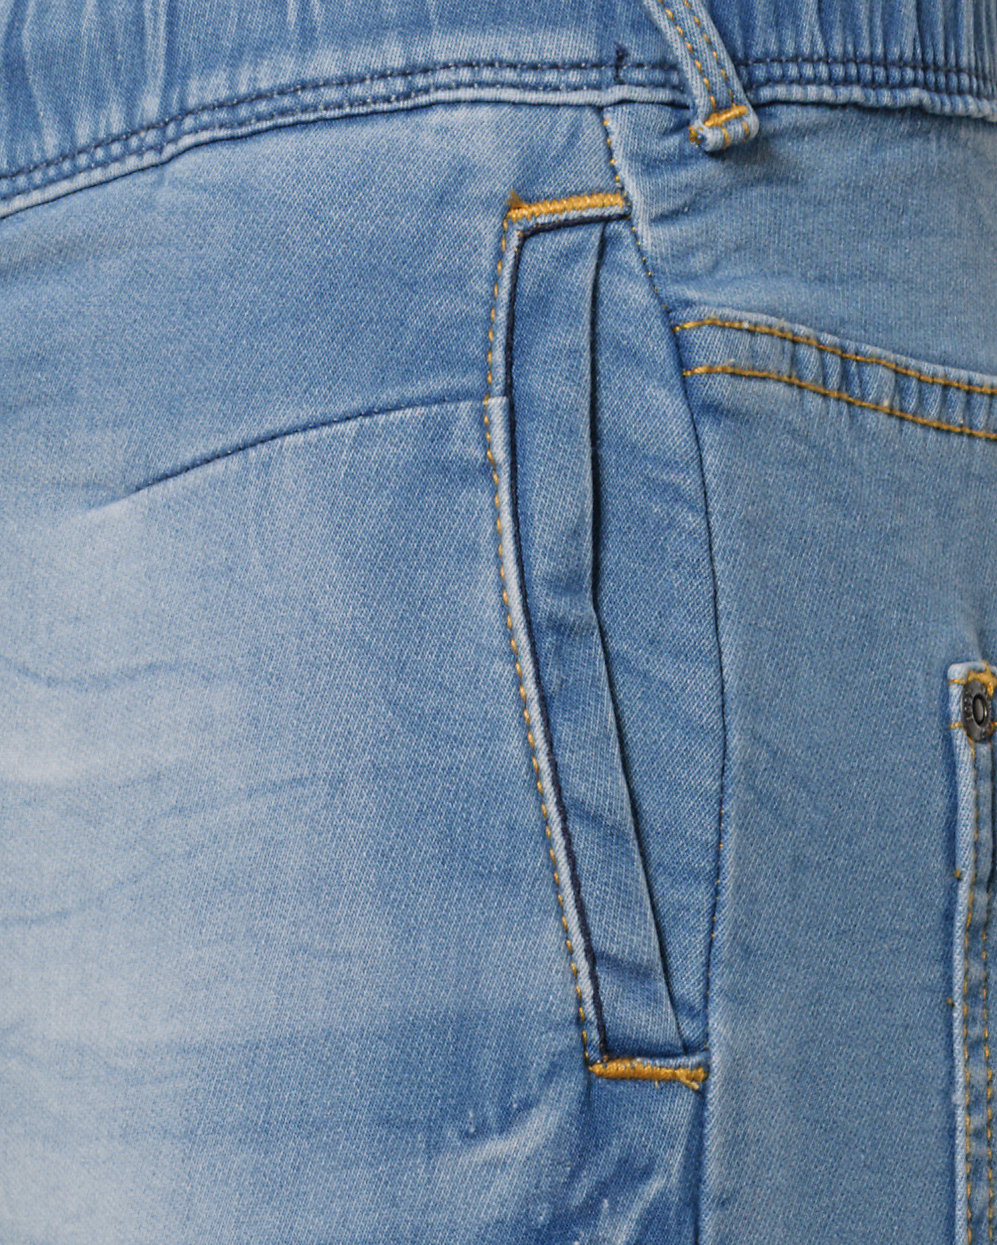 Neu VINGINO Jeans Constanz für Jungen 13233972 für Jungen hellblau